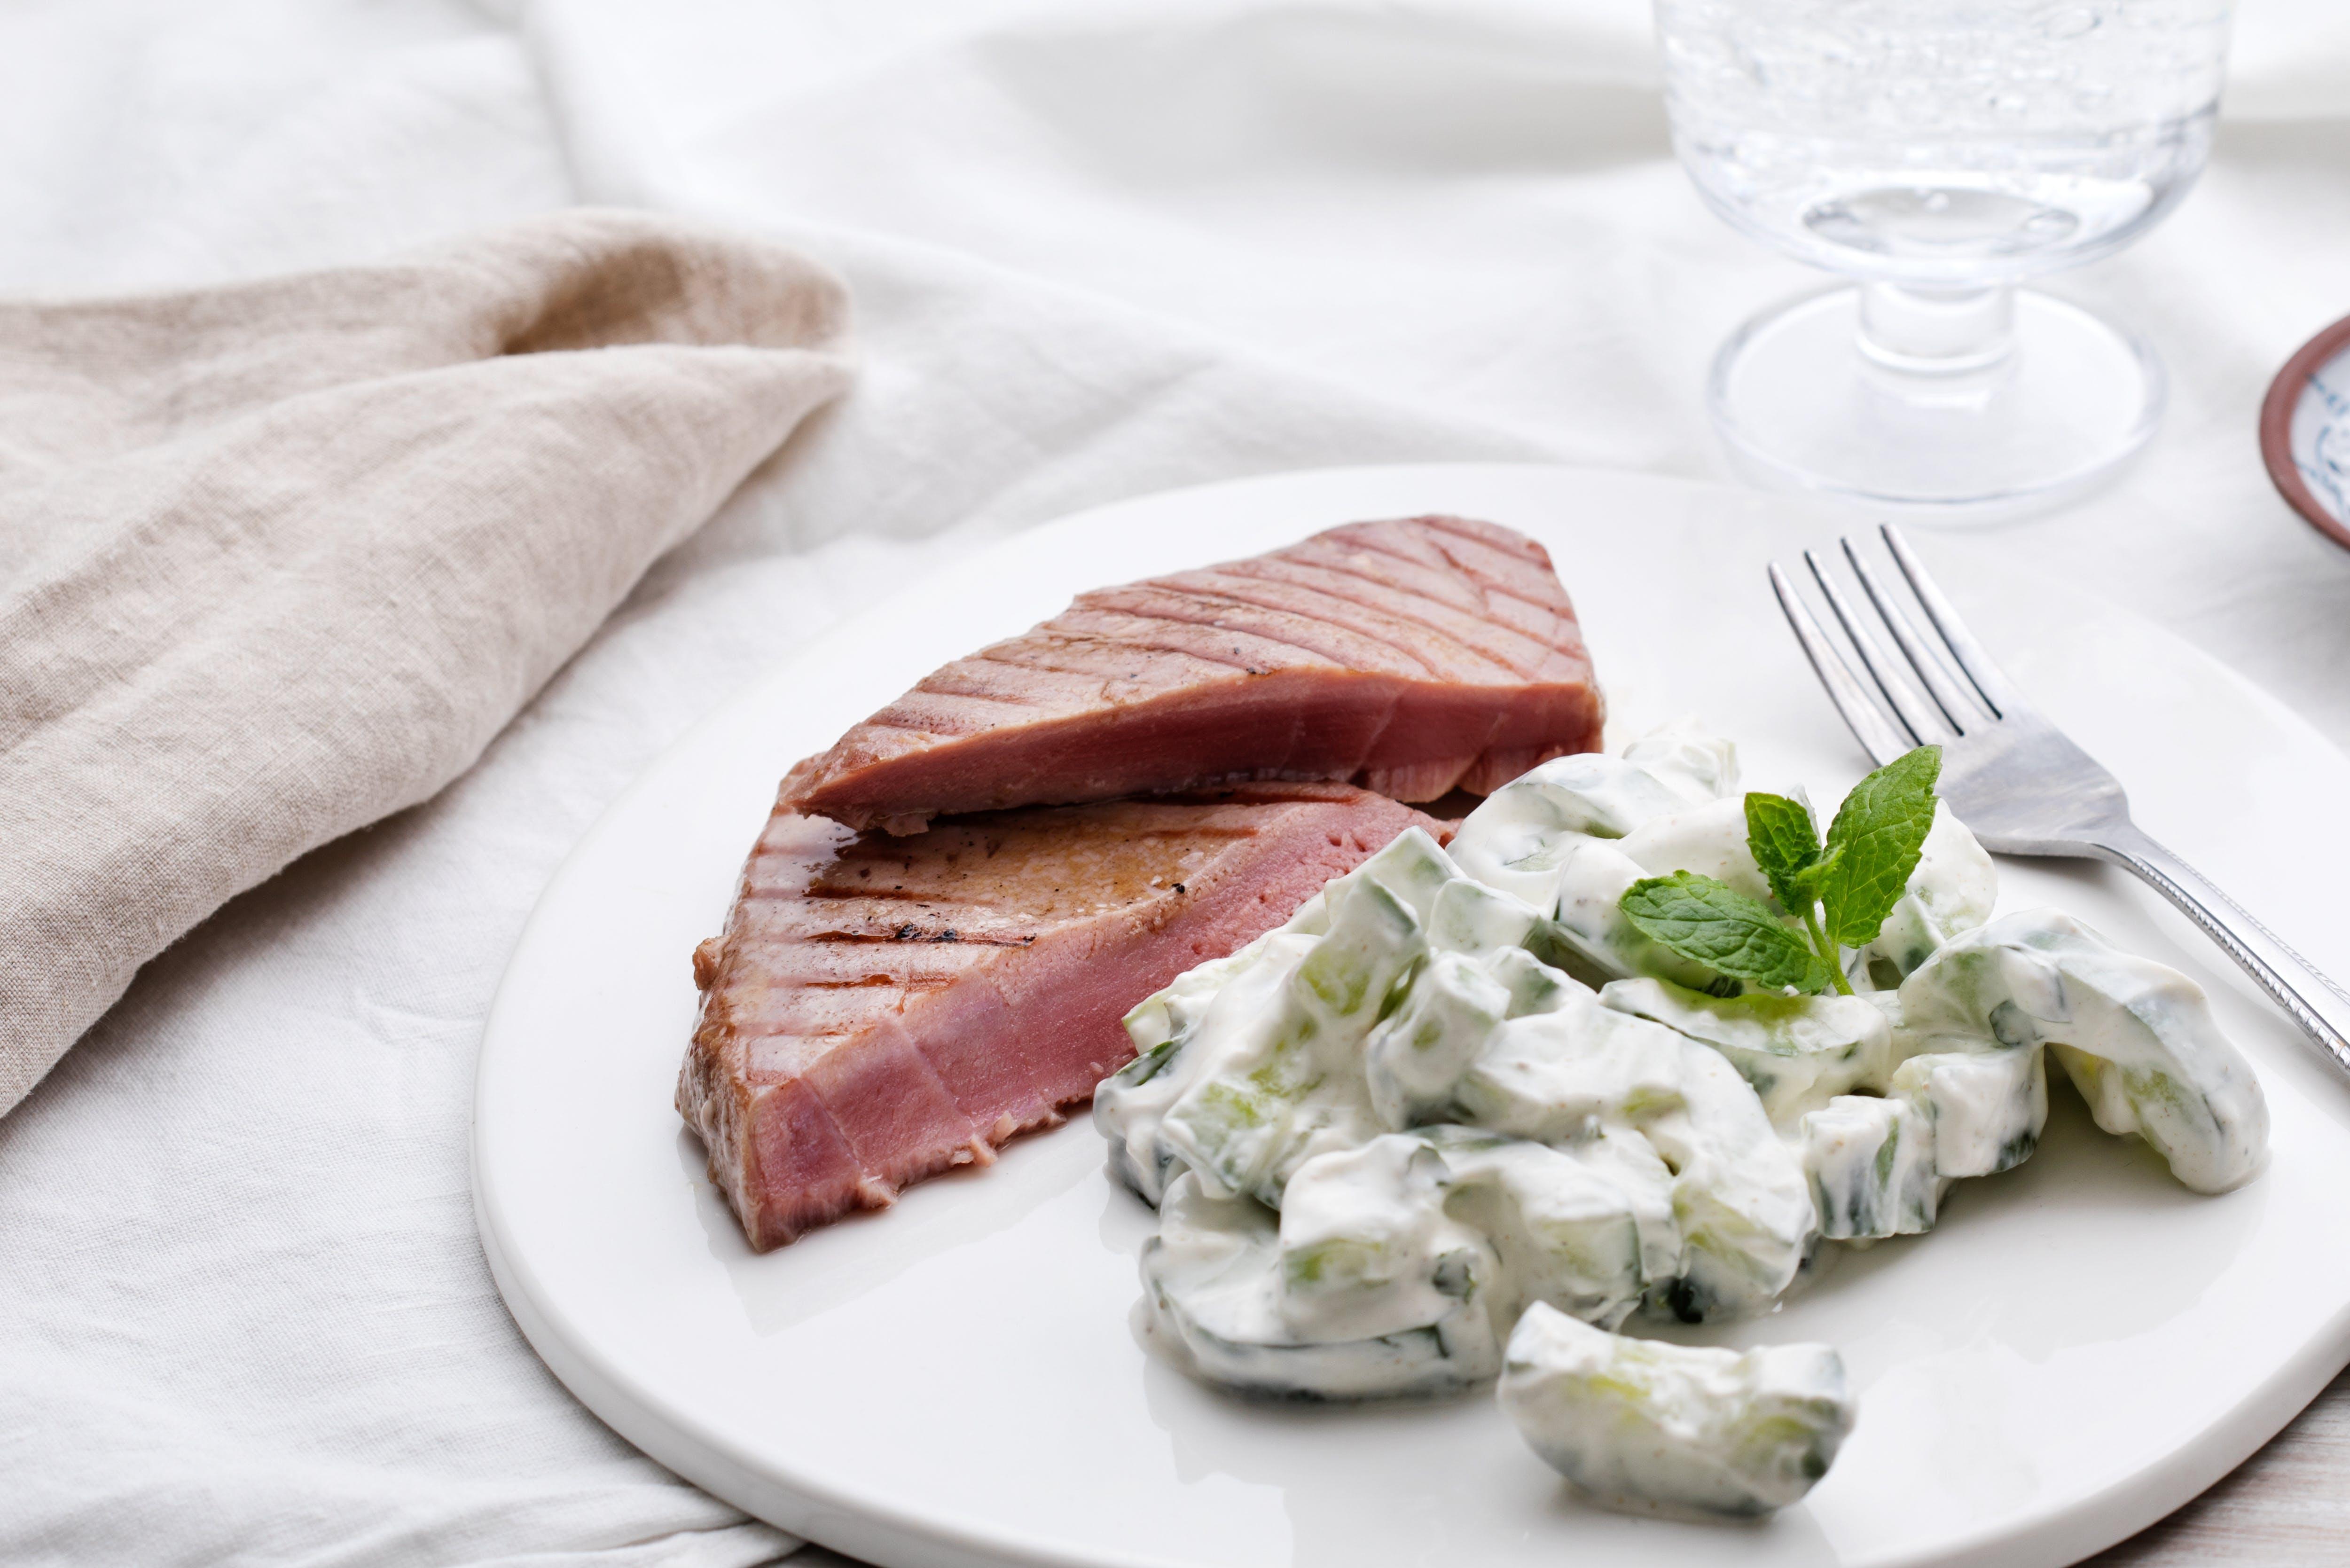 Grilled tuna with Raita salad